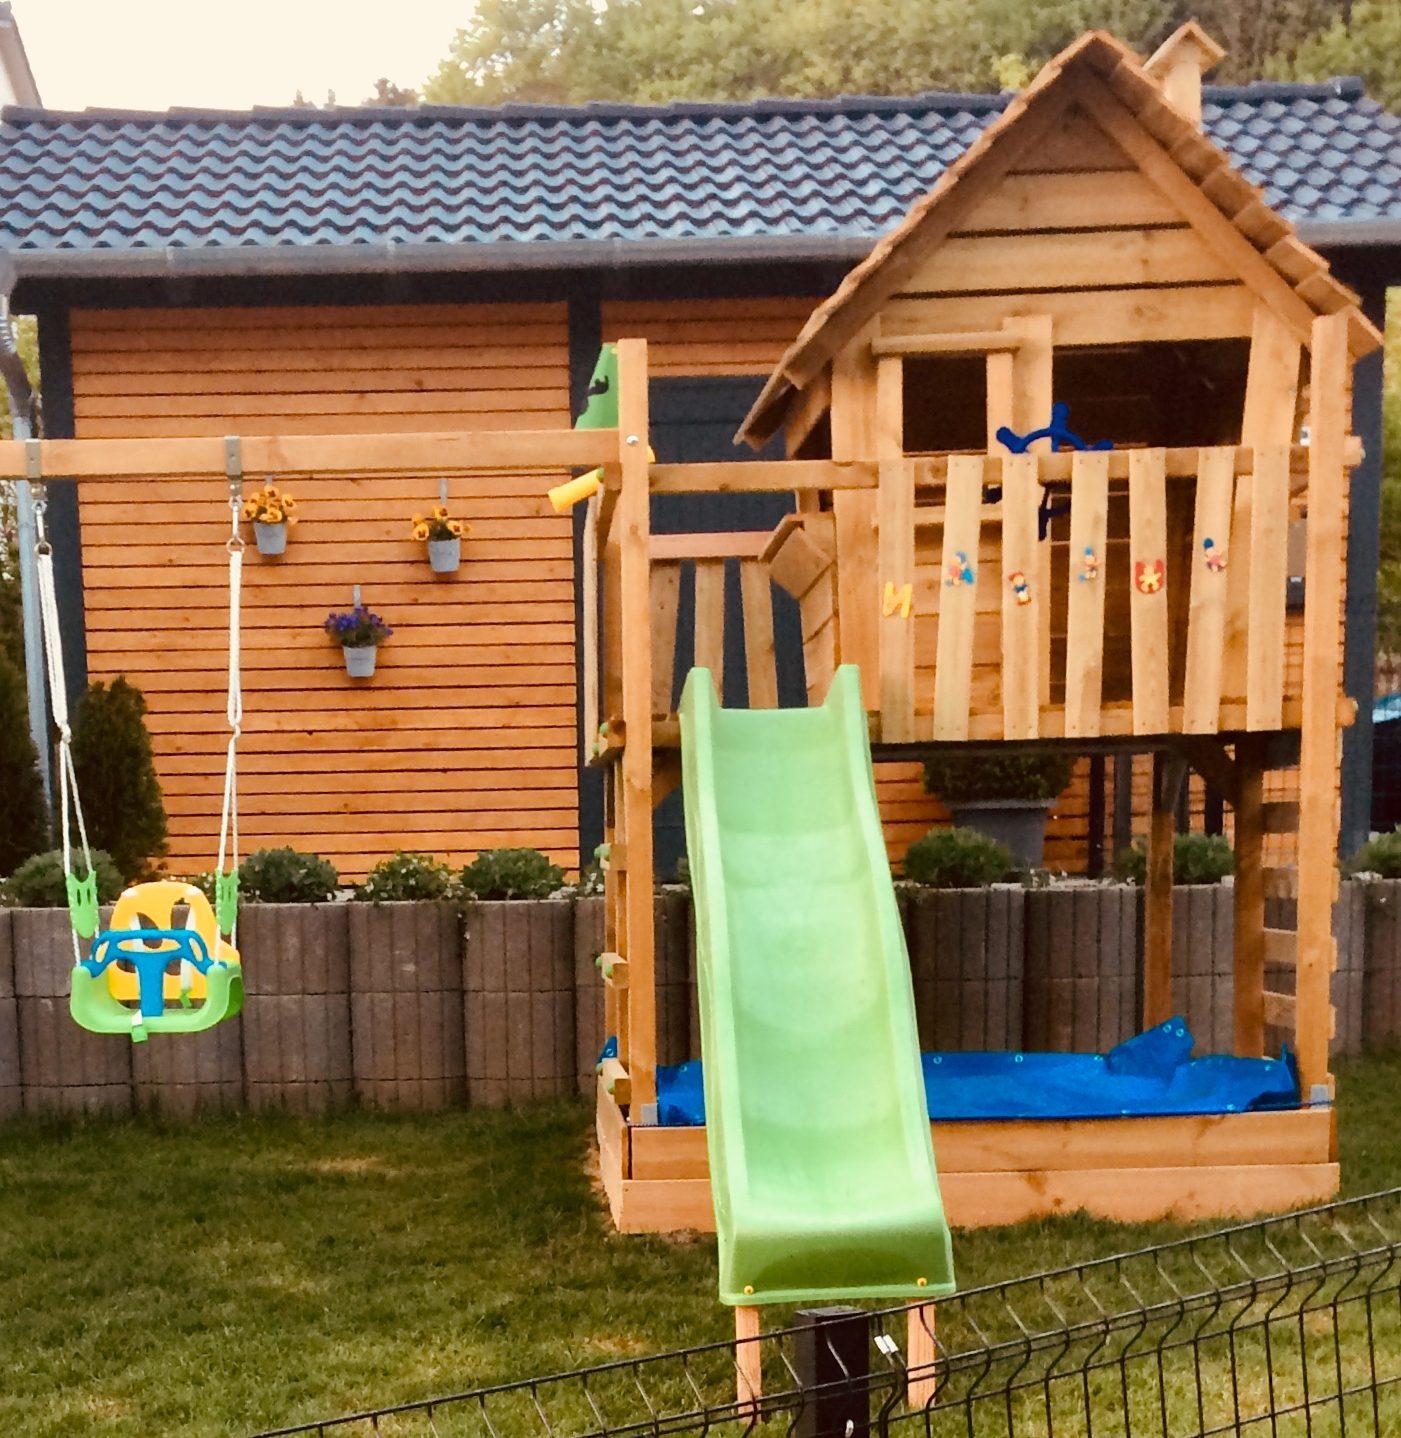 Super Ein Kinderspielhaus Holz neu oder gebraucht kaufen? - Ein FO88